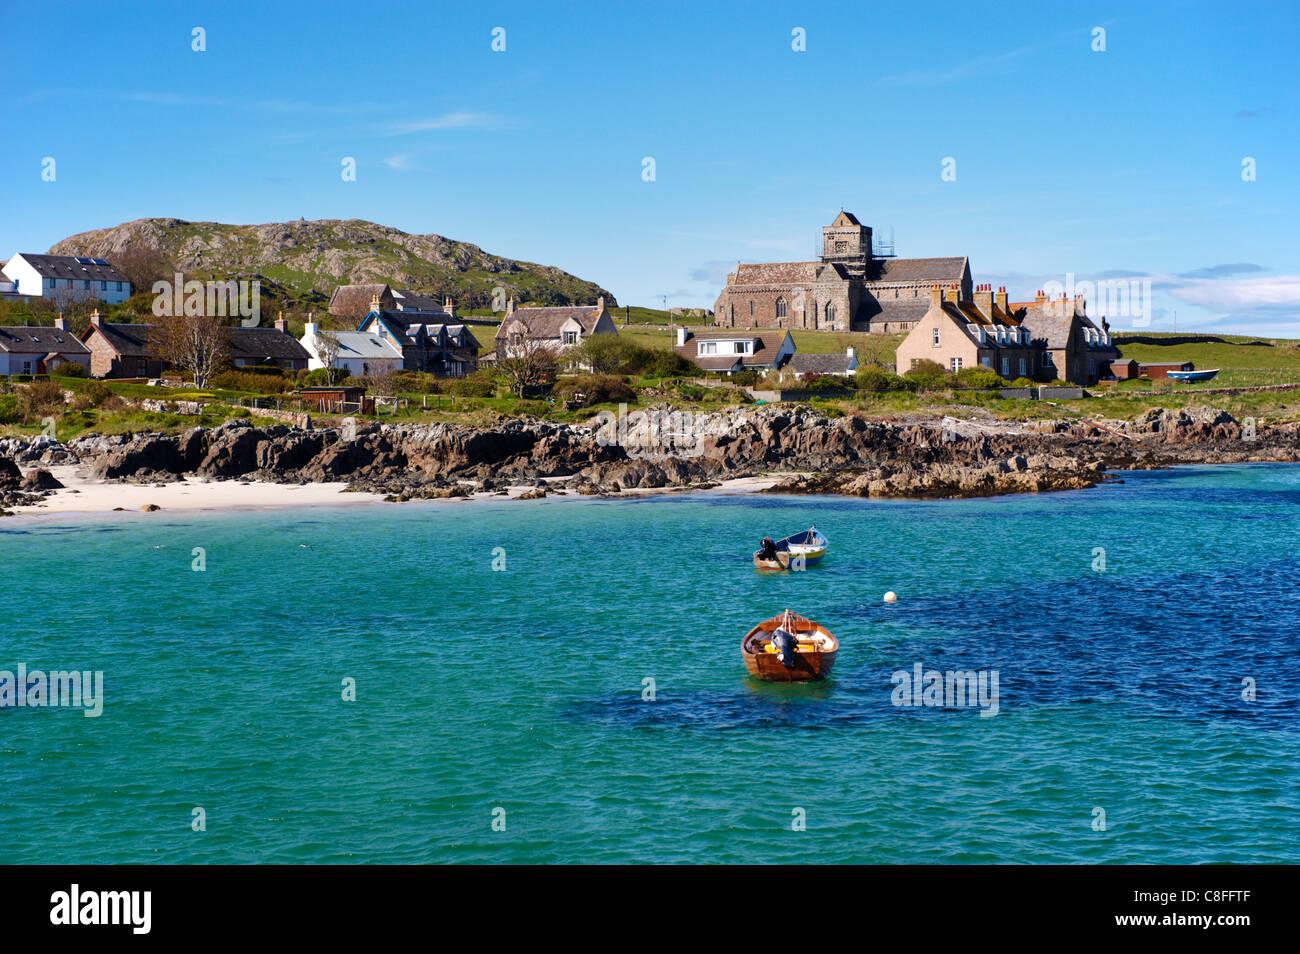 Iona Abbey, Isle of Iona, Inner Hebrides, Scotland, United Kingdom - Stock Image